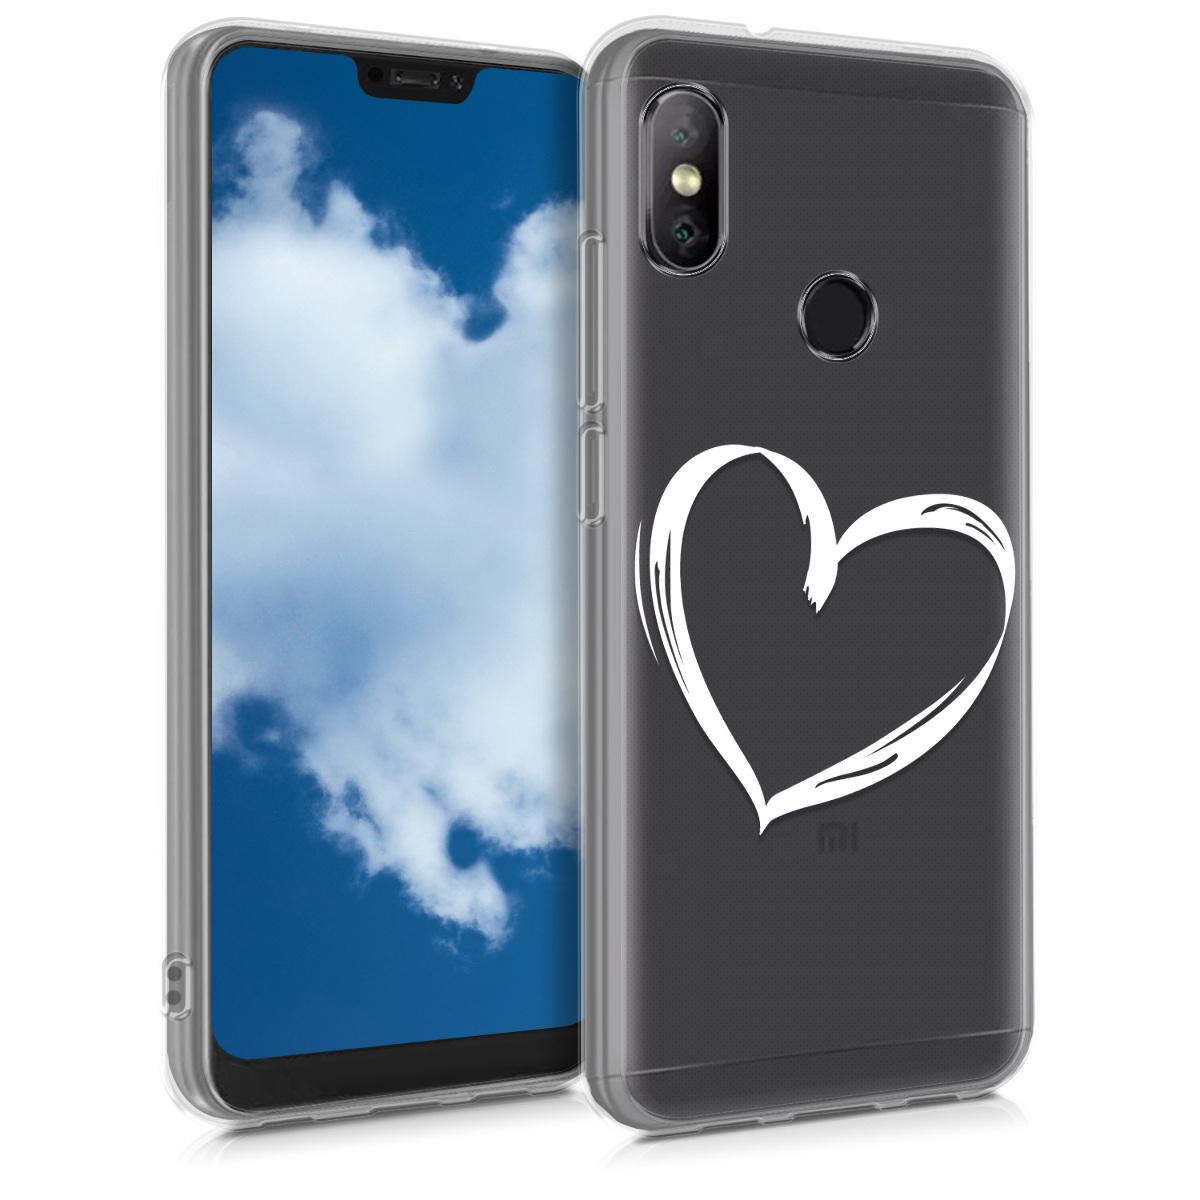 Kvalitní silikonové TPU pouzdro | obal pro Xiaomi Redmi 6 Pro | Mi A2 Lite - Brushed Heart bílý / transparentní